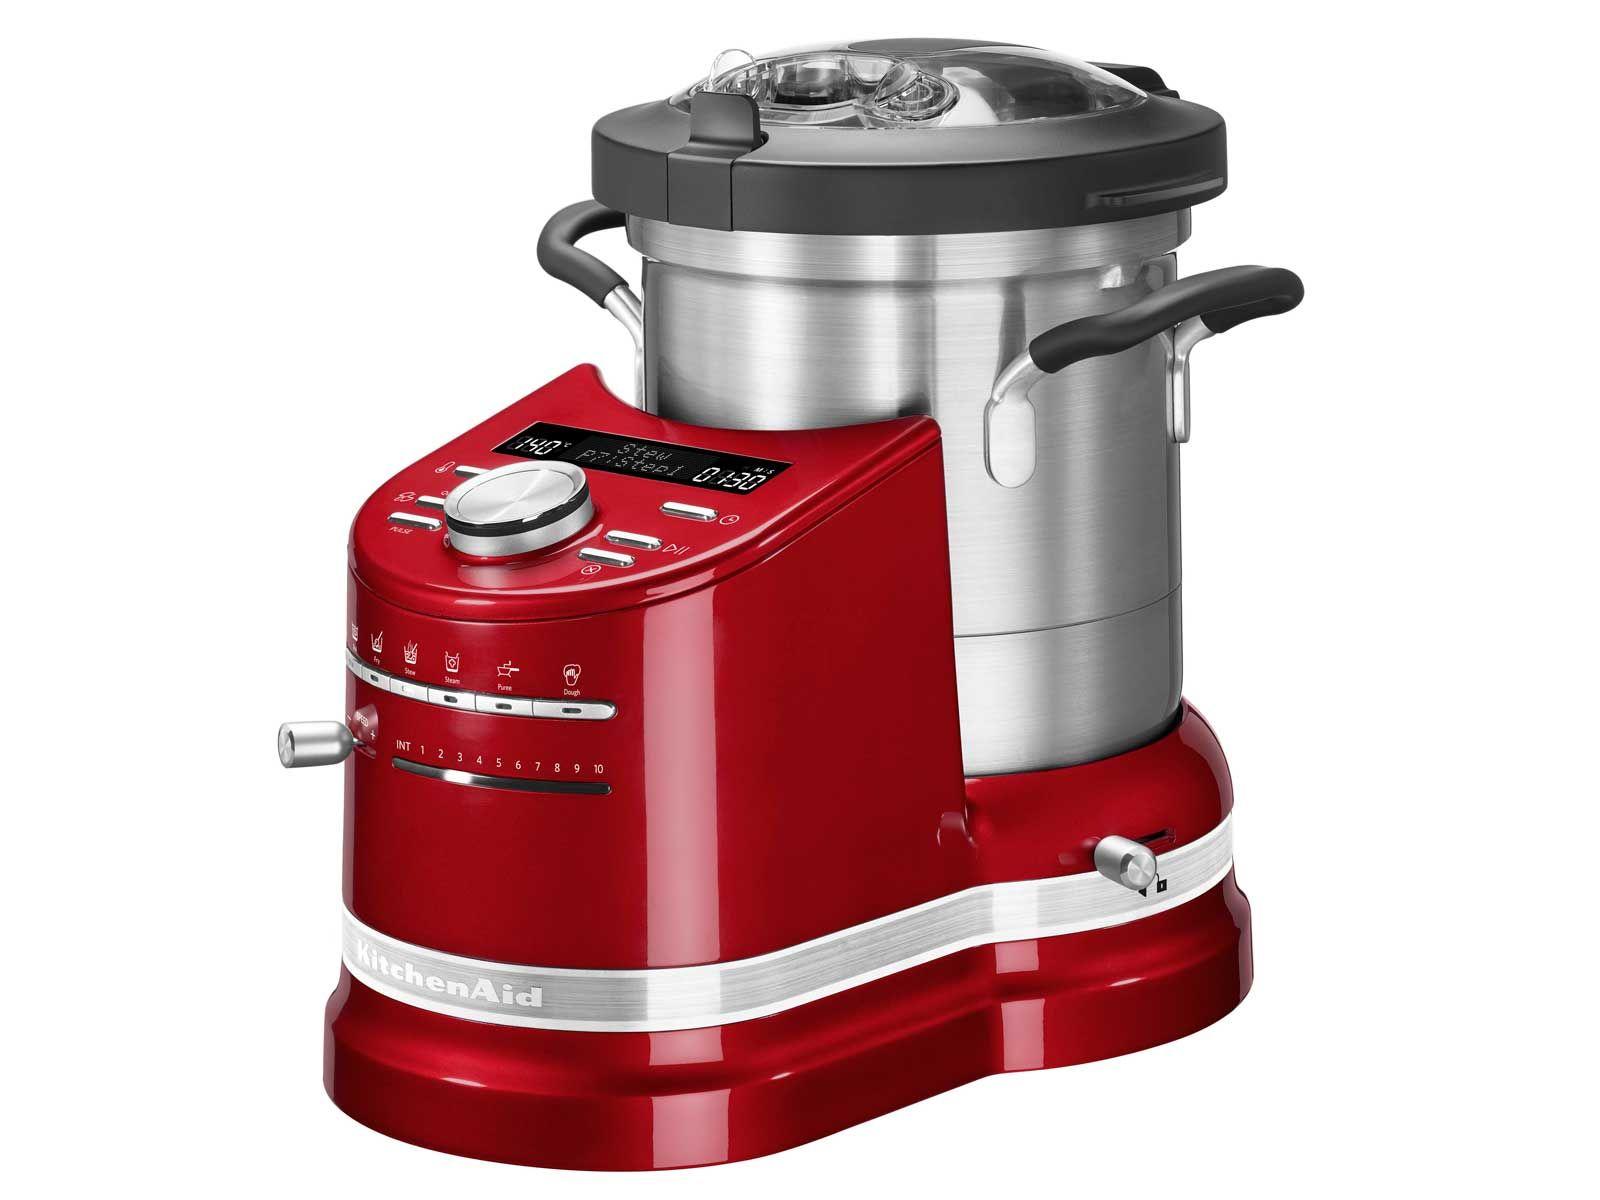 Küchenmixer kitchenaid ~ Kitchenaid mixer cover clear kitchenaid mixer kitchenaid and mixers